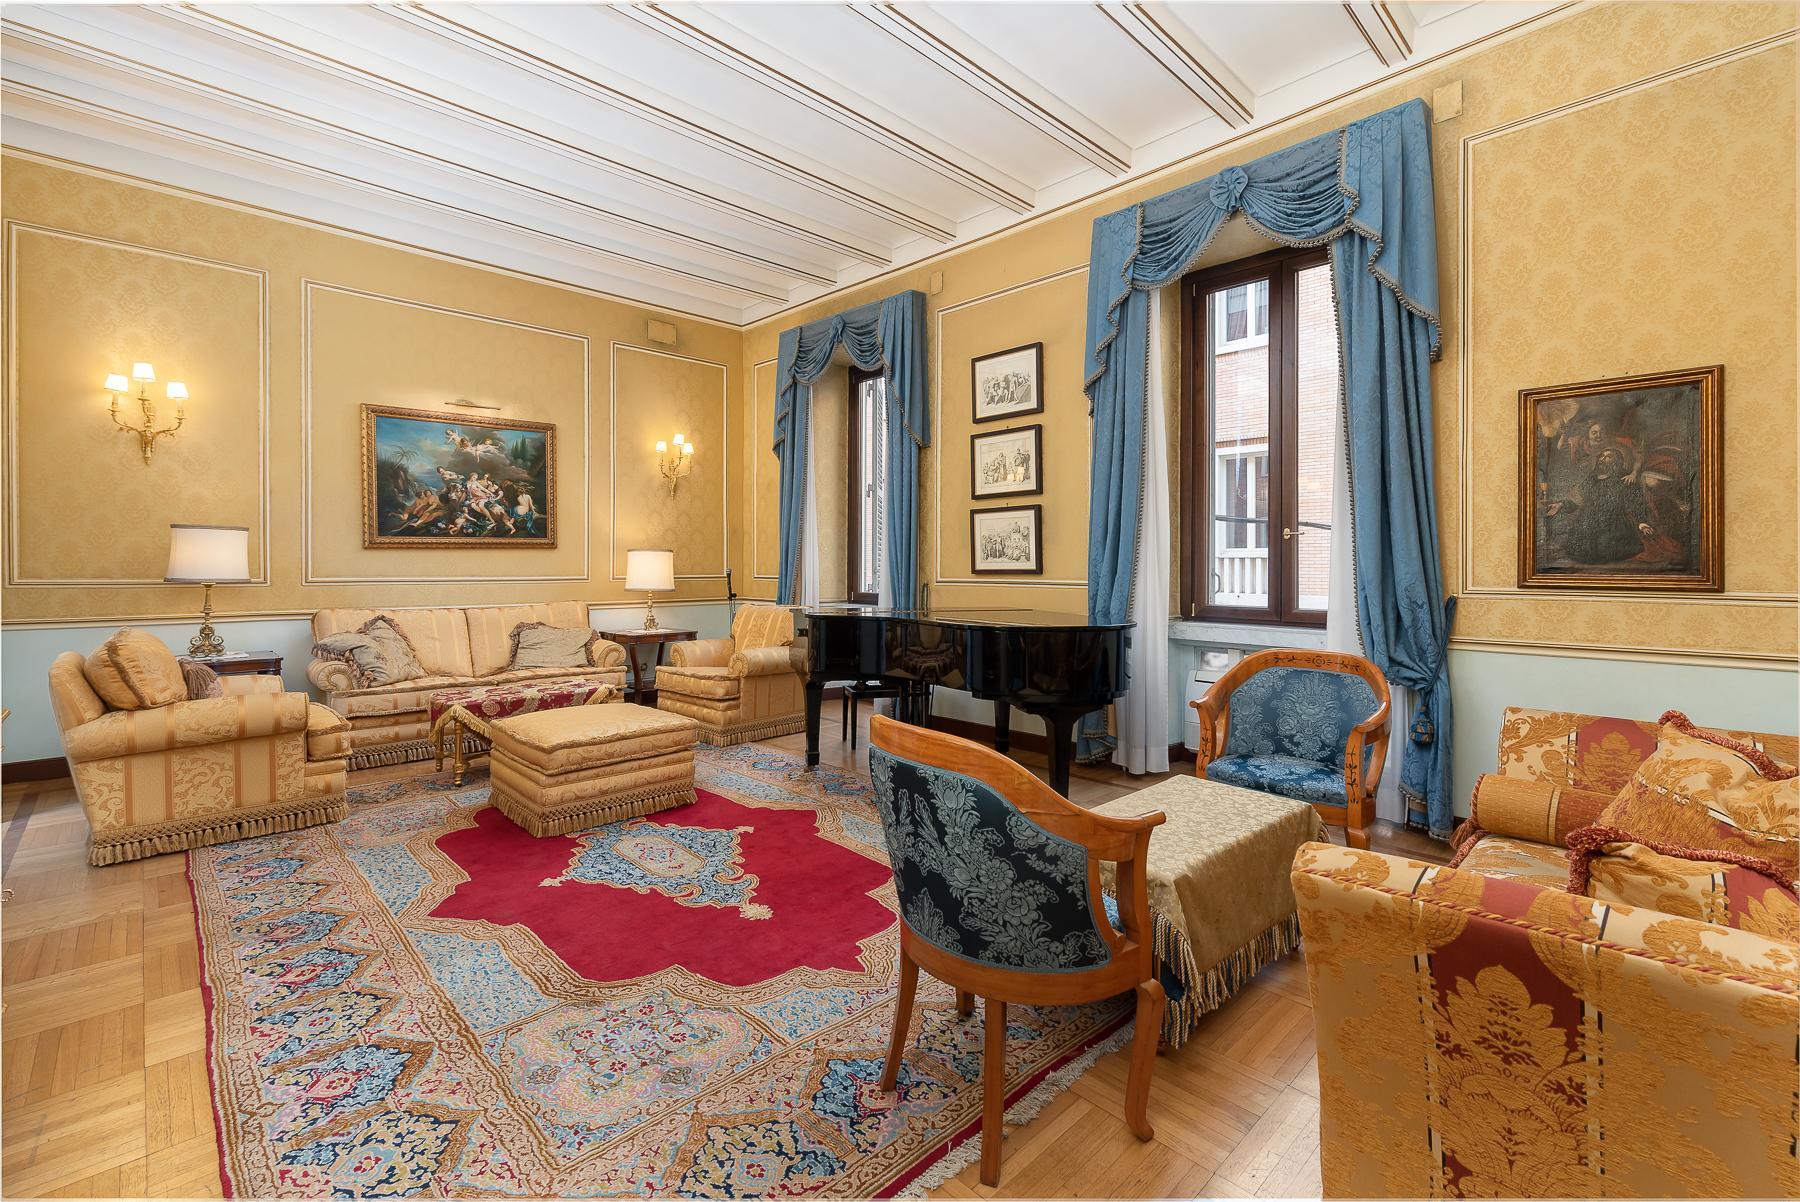 Роскошная квартира с большой террасой  в элегантном здании начала 900 года - 18